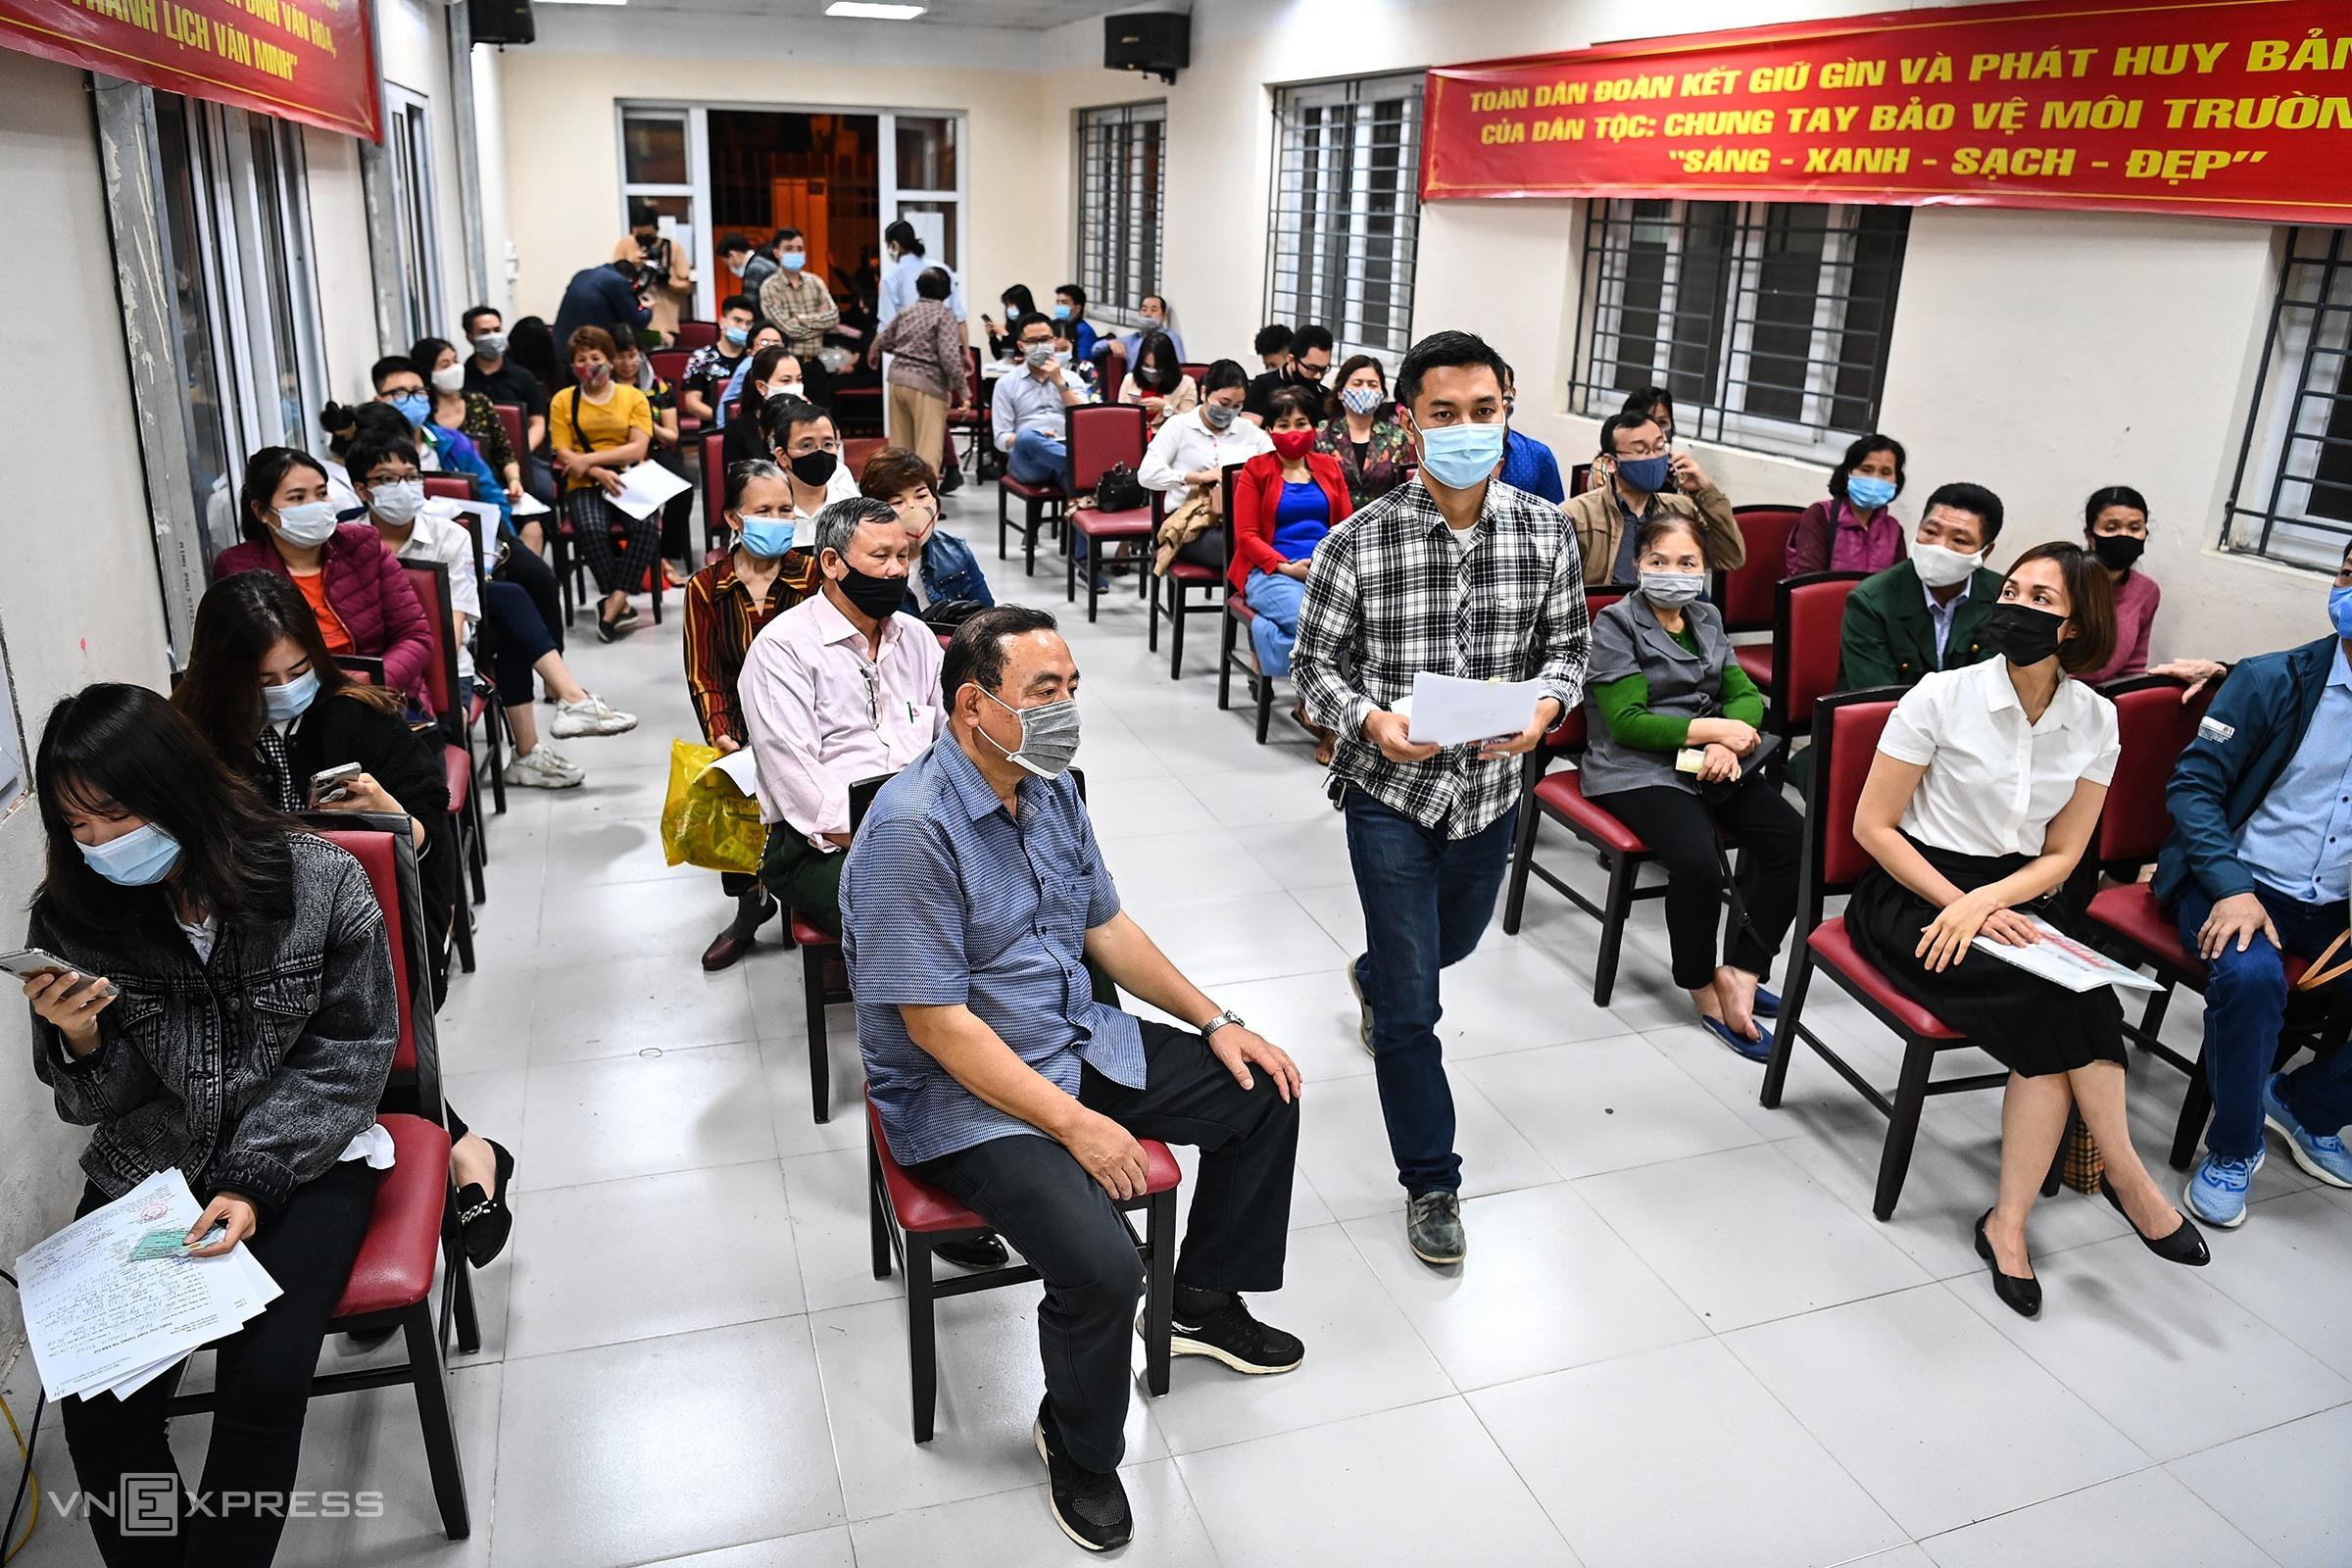 Người dân ngồi chờ đến lượt làm thủ tục cấp thẻ căn cước tại nhà văn hóa phường Vĩnh Tuy (quận Hai Bà Trưng), Hà Nội hôm 9/3. Ảnh: Giang Huy